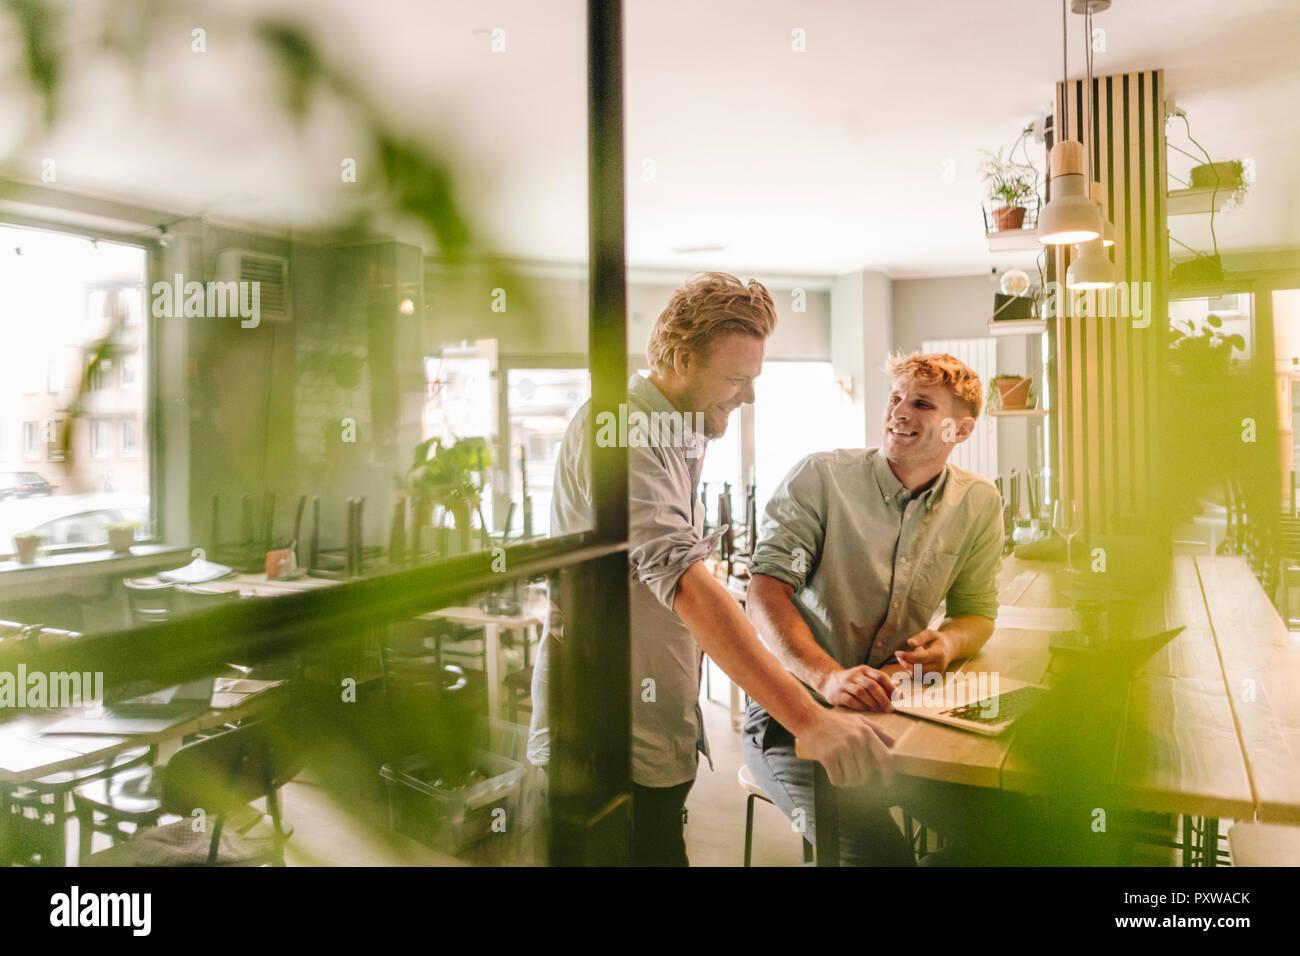 Partenaires d'affaires réunion dans leur nouvelle start-up Photo Stock